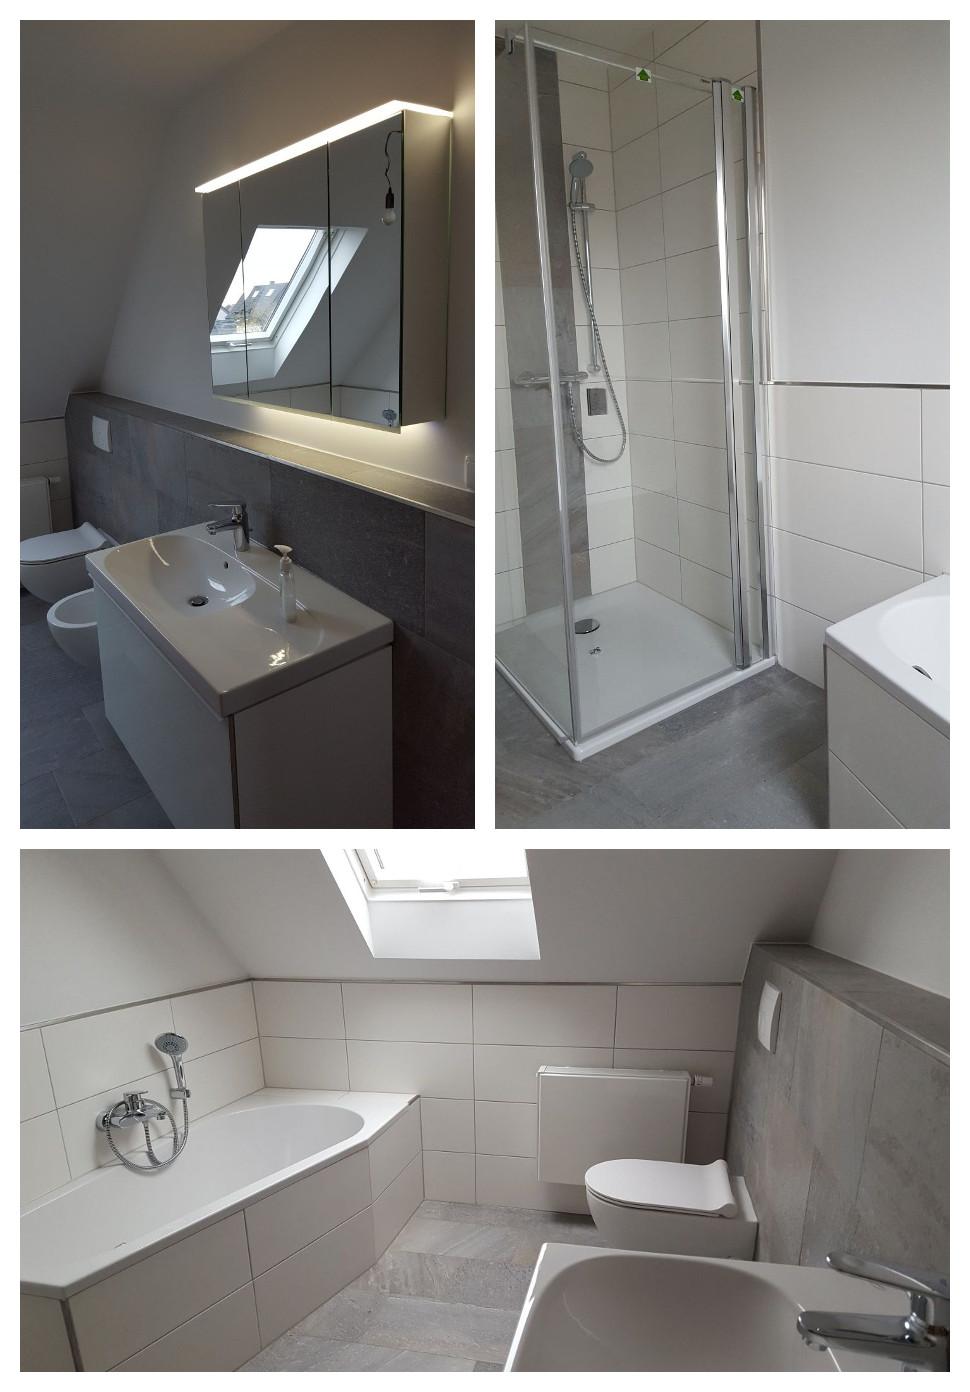 Komplettsanierung-eines-bades